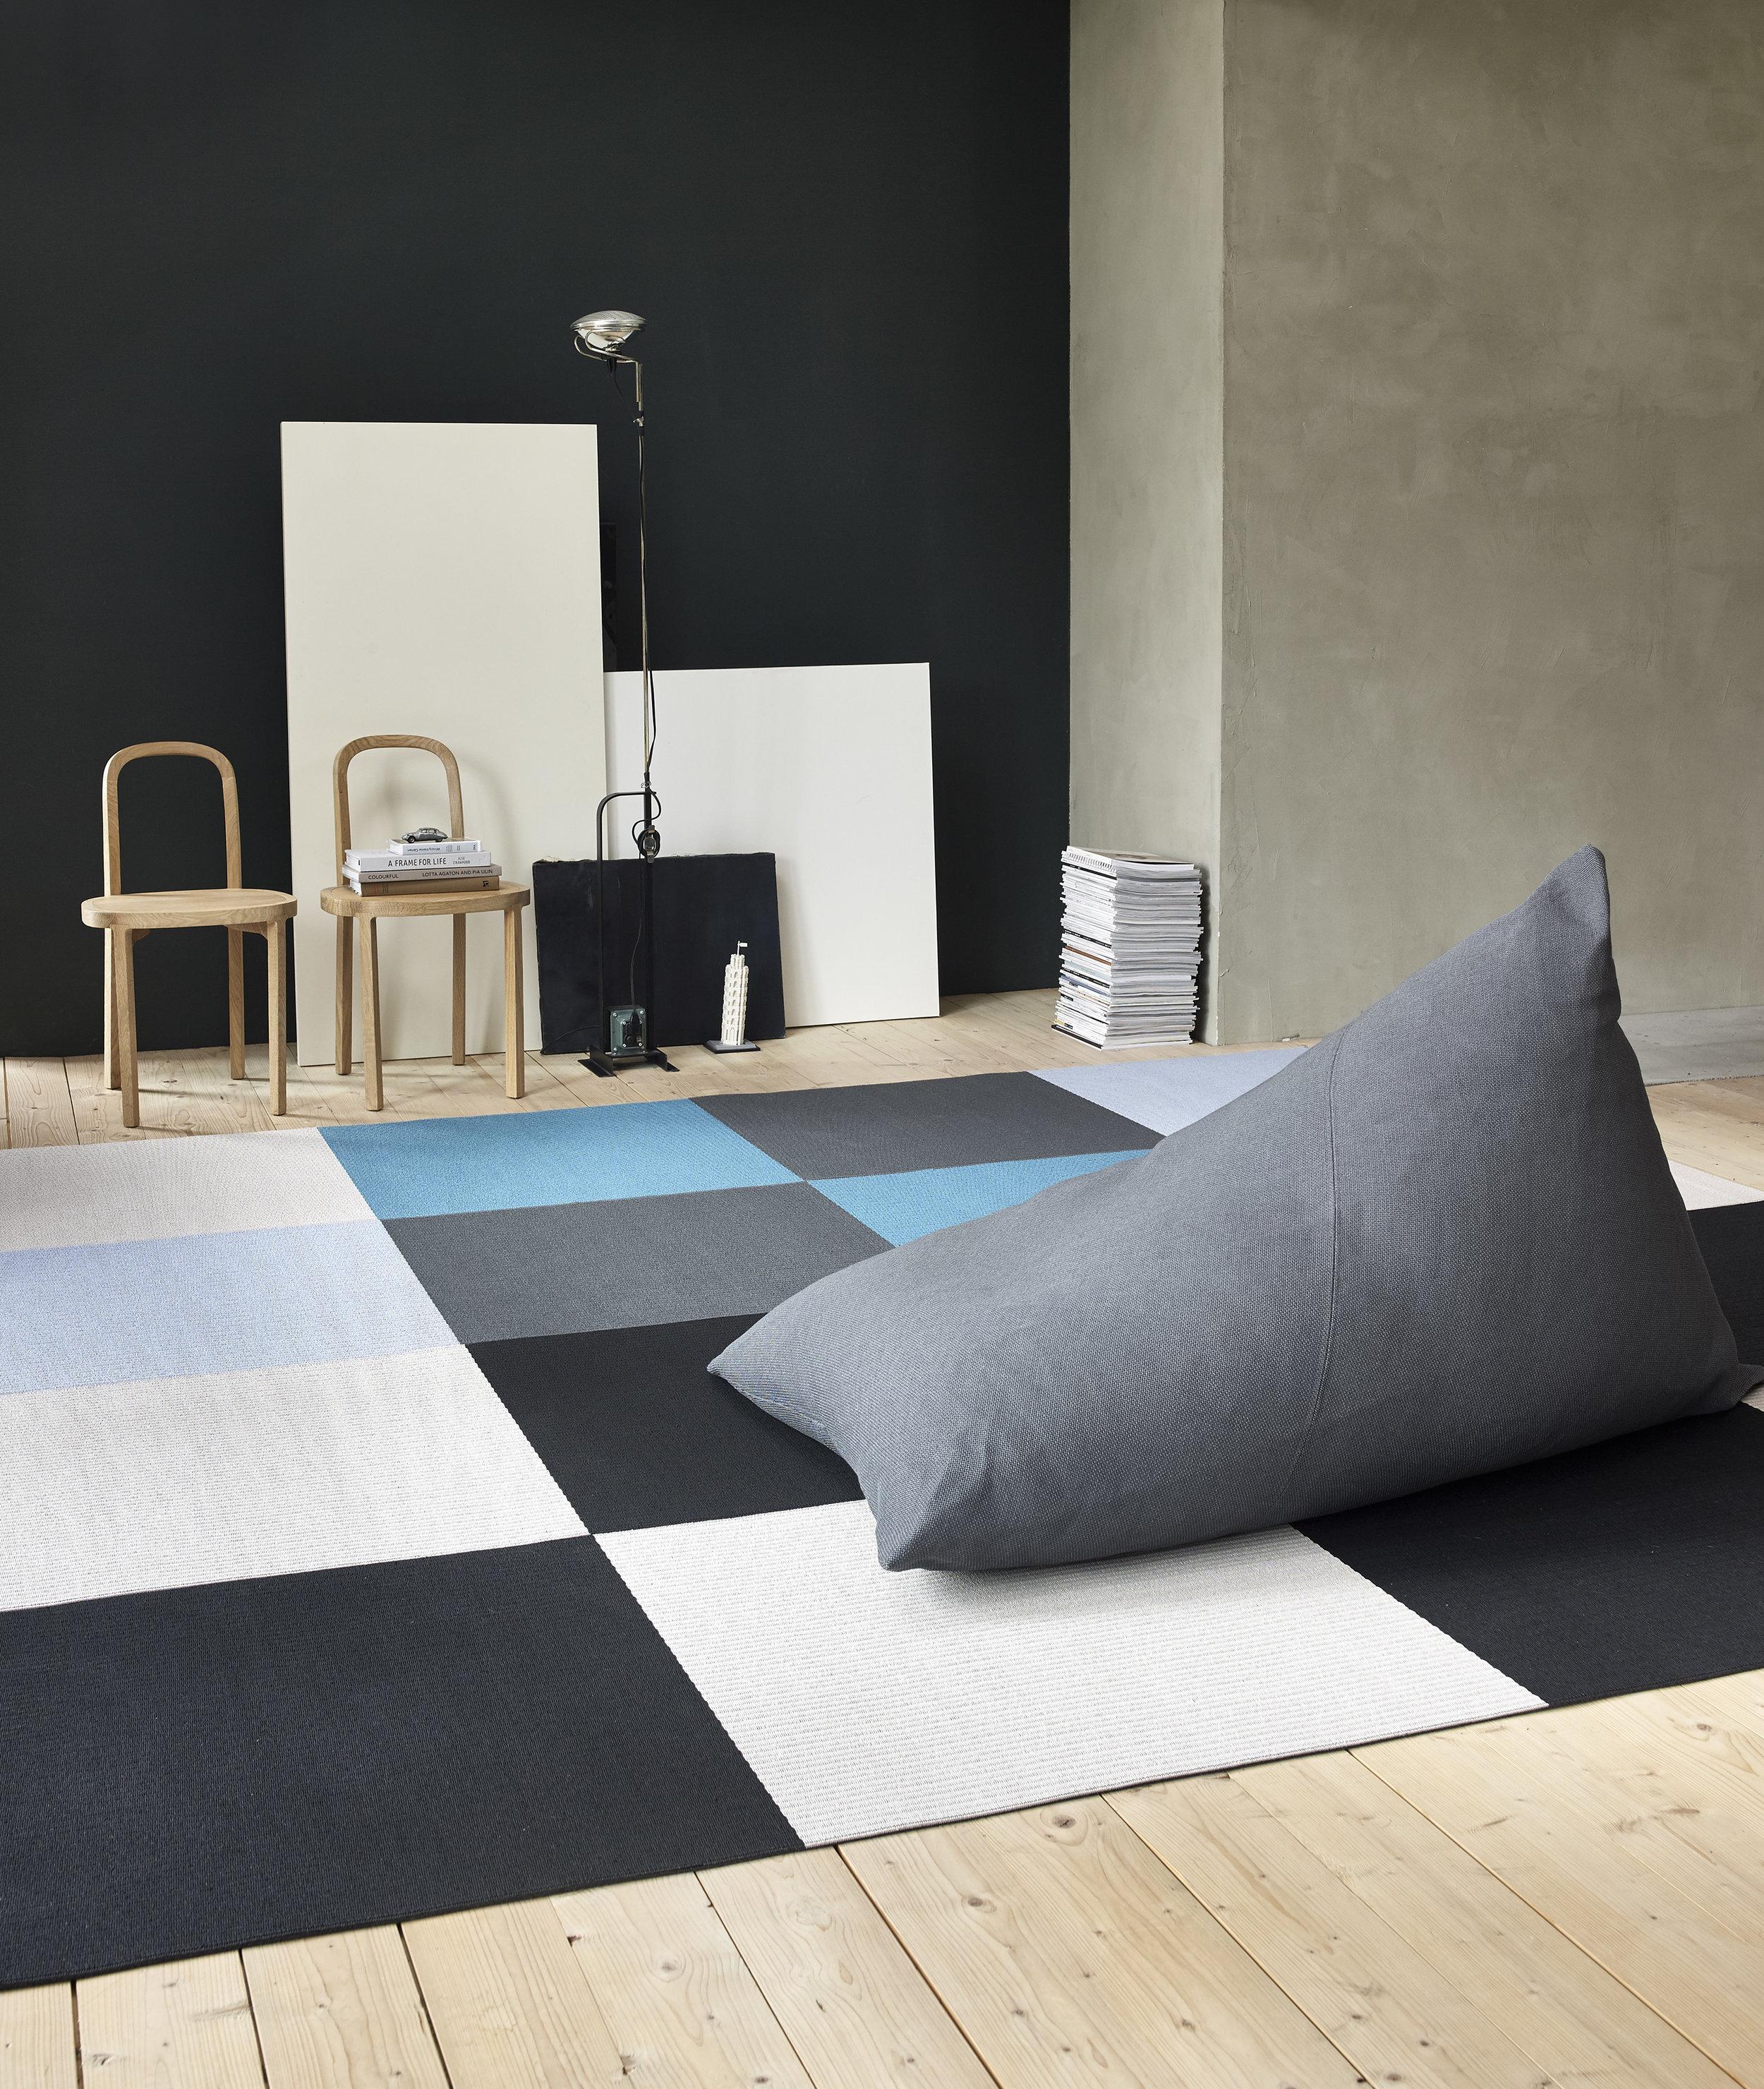 4611 My graphite lounge chair,  Squareplay  paper yarn carpet, 4400  Siro+  chairs